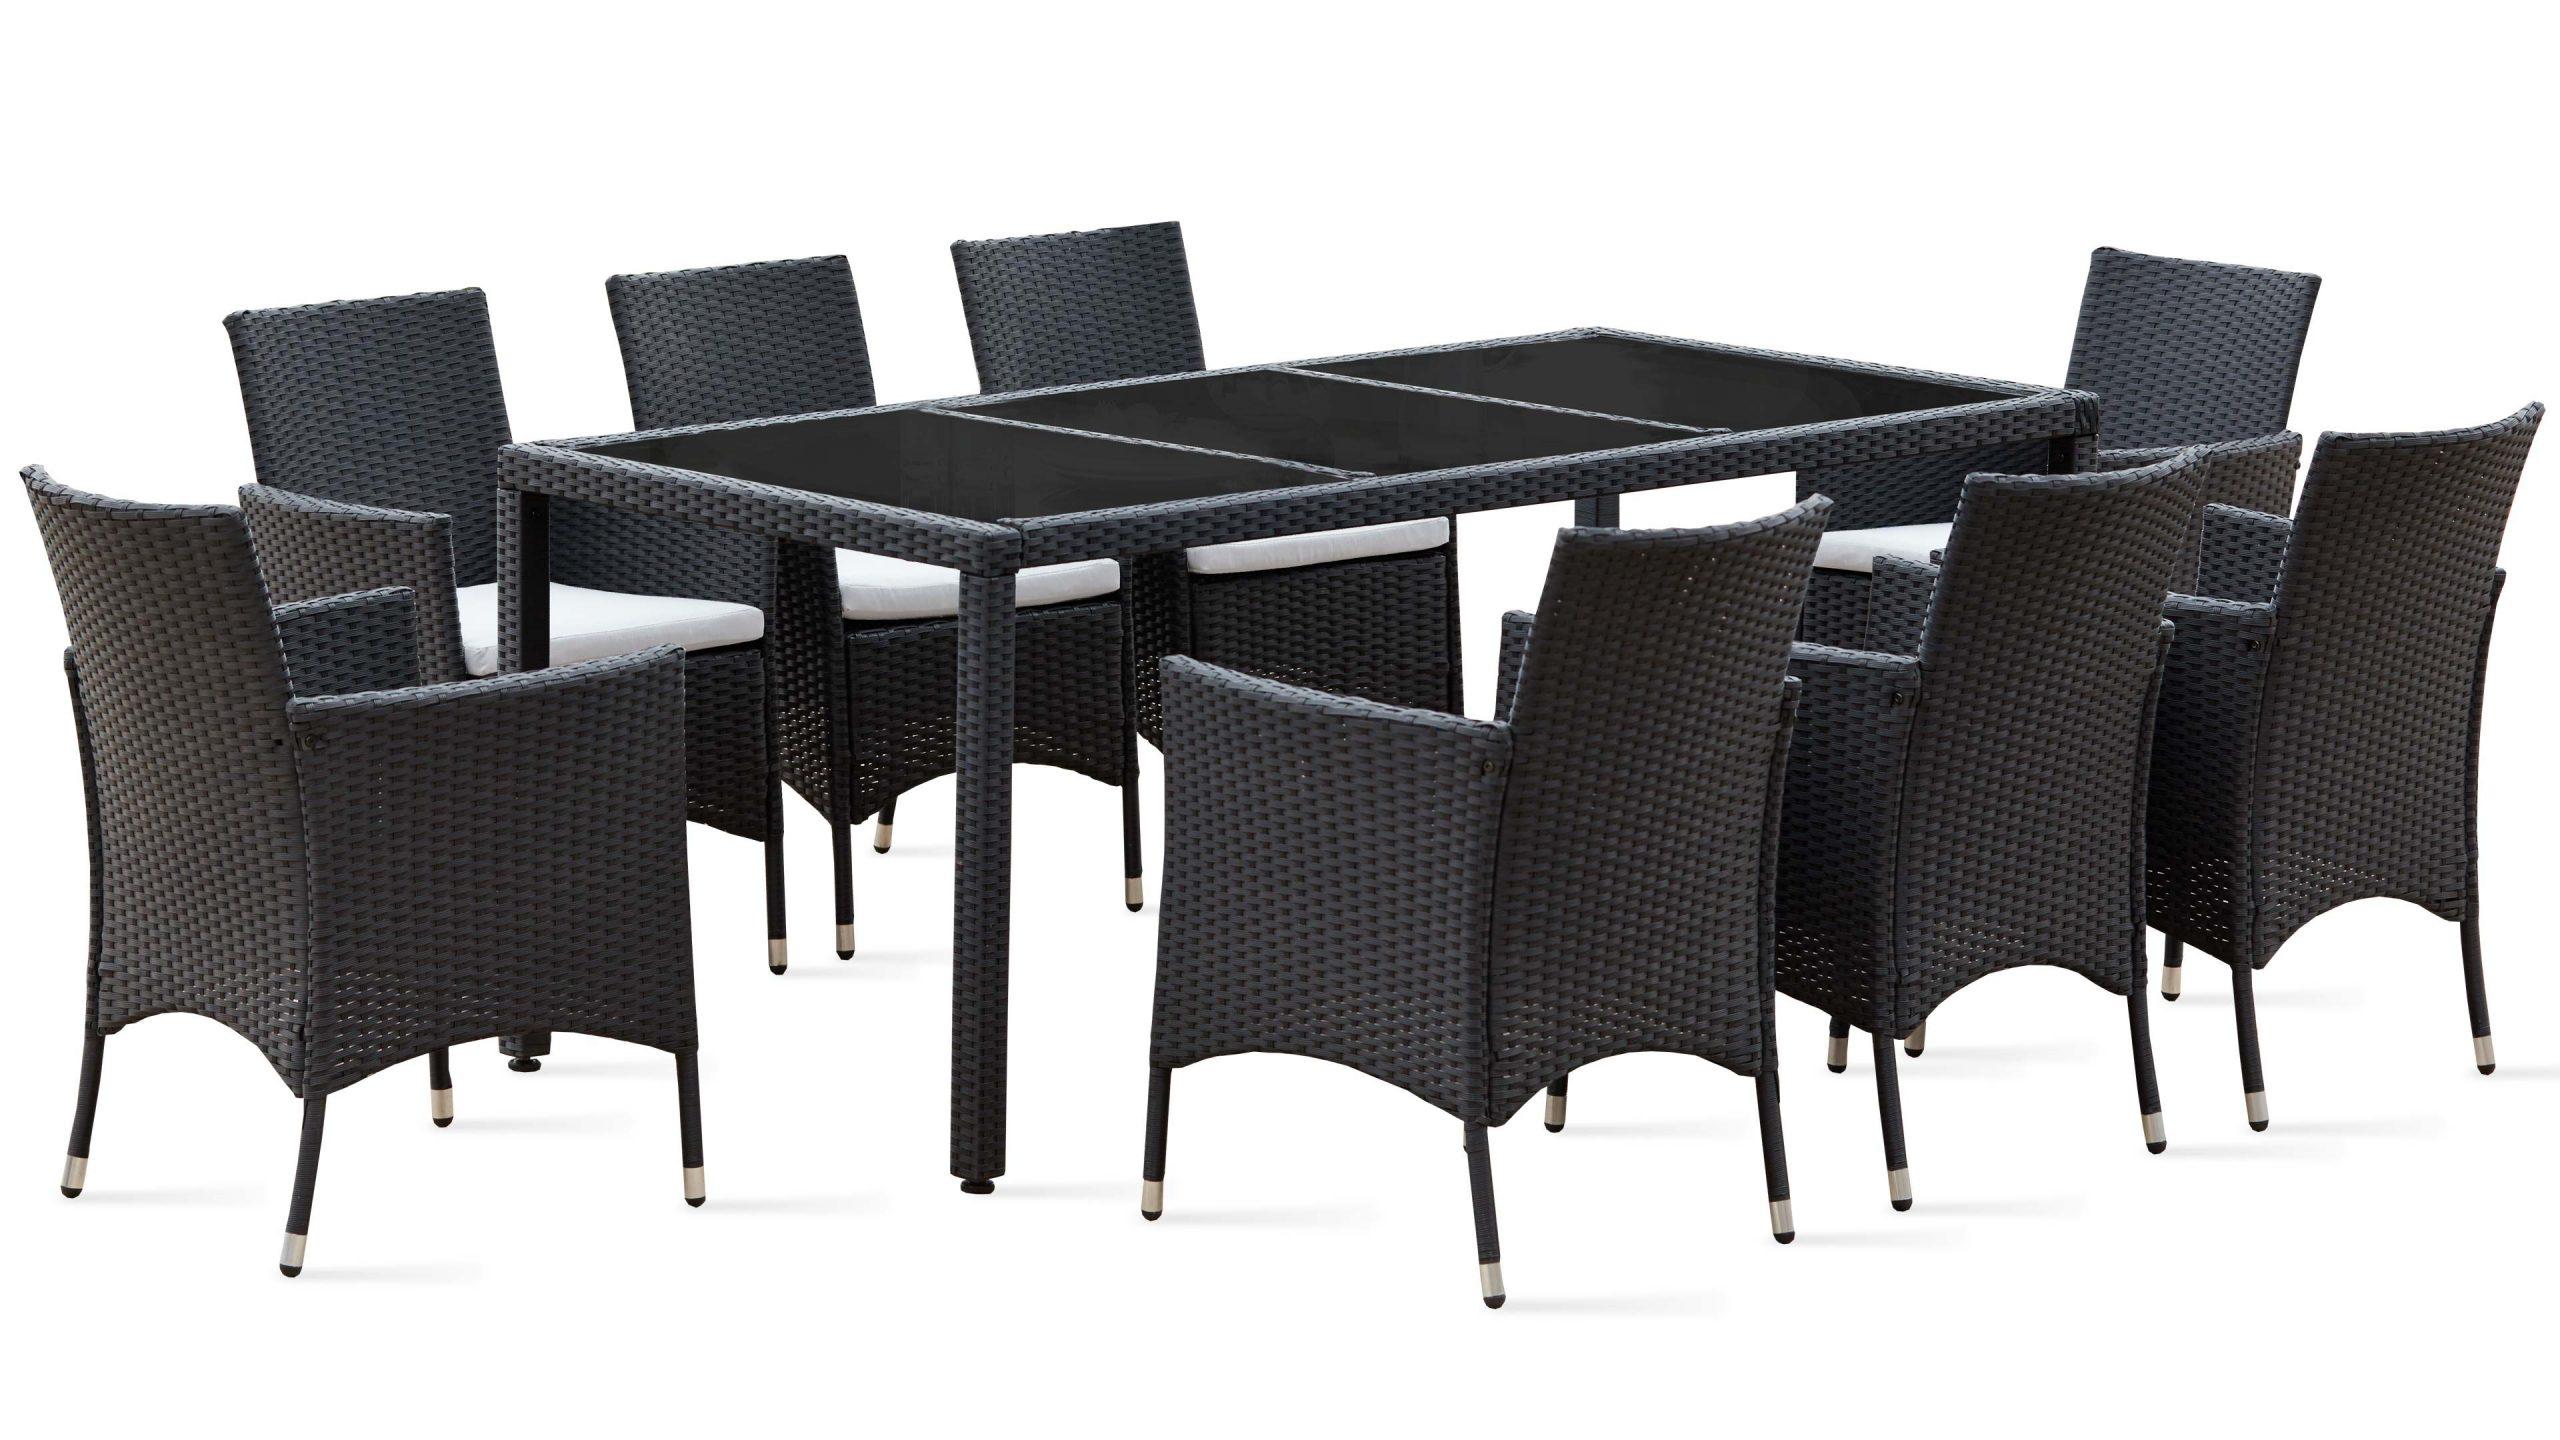 Salon De Jardin Table Résine Tressée 8 Fauteuils intérieur Table De Jardin En Resine Tressée